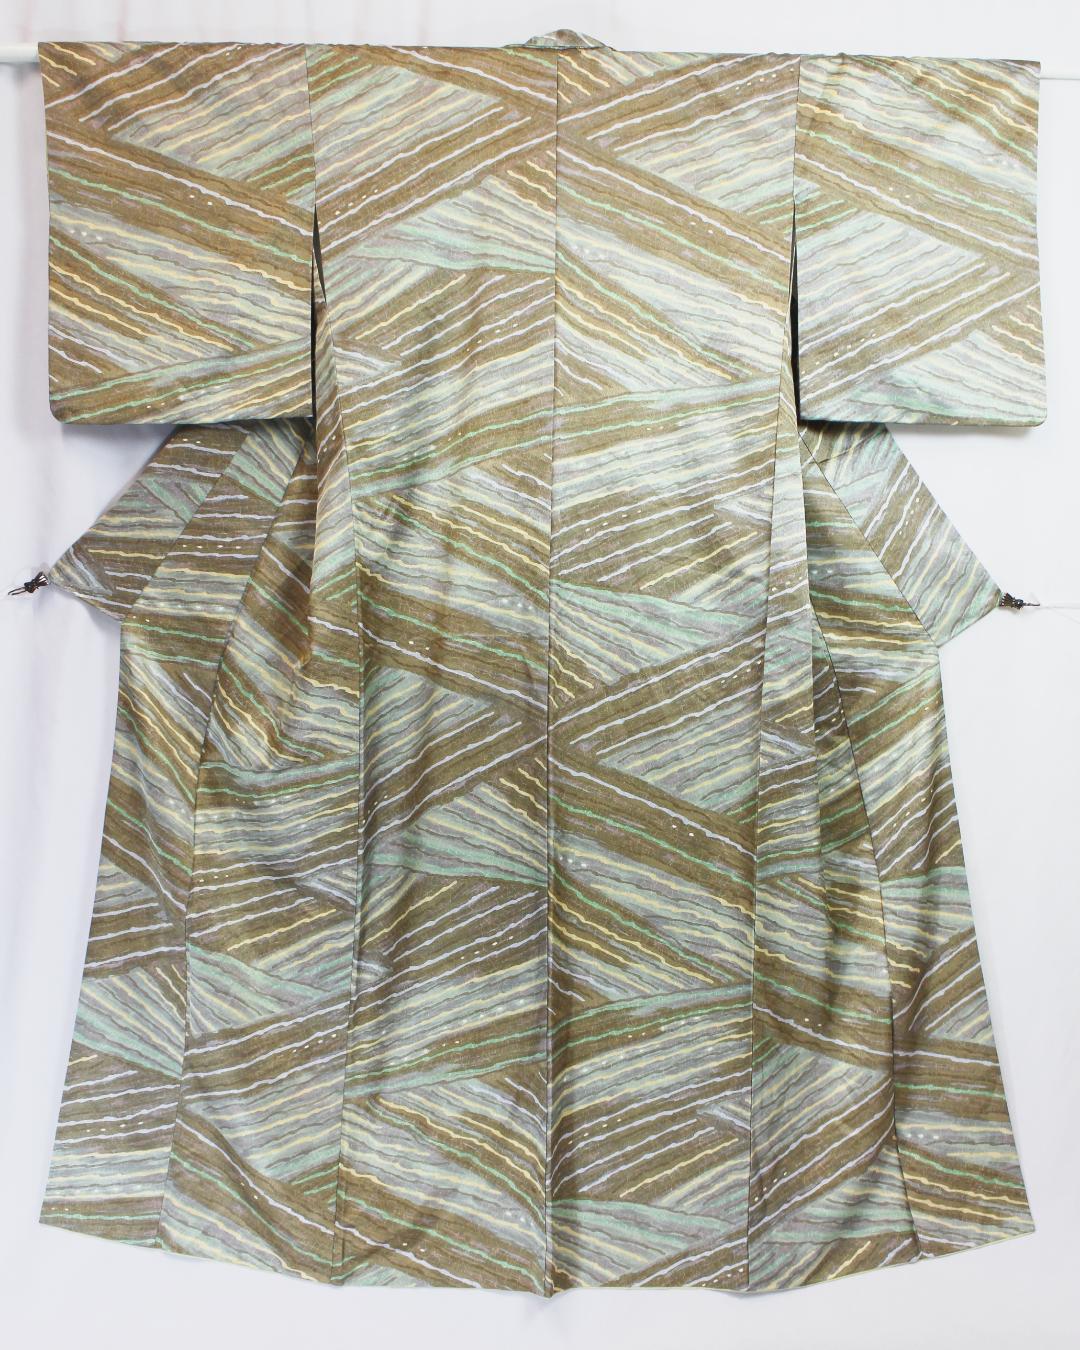 【古着物】変わり線描き模様小紋着物画像